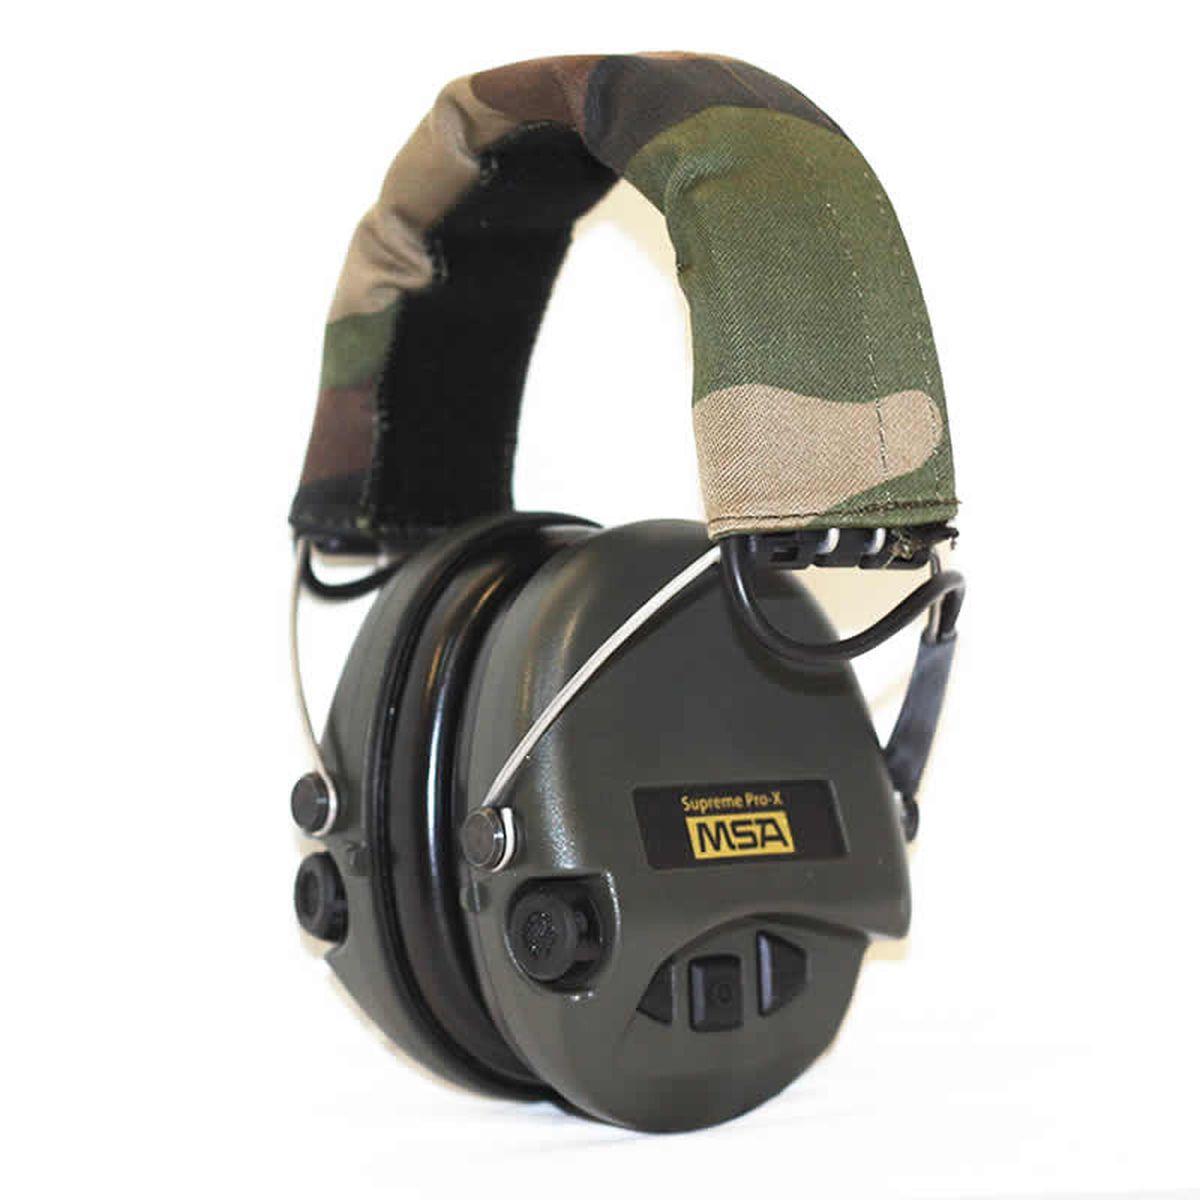 """Активные наушники MSA Sordin """"Supreme Pro-Х"""" предназначены для стрельбы и охоты.  Усиливают слабый звук в 4 раза до 27 Дц и уменьшают шум до 82 Дц.  Звуковая картинка на 360° градусов, звук Stereo.  Два отдельных ветро-влагозащищенных микрофона.  Влагозащищенный батарейный отсек.  Звуковая пауза после отсечки шумовой волны менее 0,6 сек.  Широкие кнопки включения с регулировкой громкости звука – 4 положения.  Складные соединительные дужки, из прочной проволочной стали, покрытой  антикоррозийным лаком. Дужки отделаны кожей.  Предусмотрено прослушивание аудиозаписей через плеер/телефон, но основная  функция – прослушивание сообщений через переносную радиостанцию.  Возможно использование PTT (двух-полосная связь).  Автоматическое отключение через 4 часа после начала использования. Предупреждение  звуковым сигналом за 40 часов о низком заряде батареи.  В комплекте две батарейки ААА, разъем AUX 3,5 мм, кабель.  Вес: 310 г.  Гарантия: 1 год."""